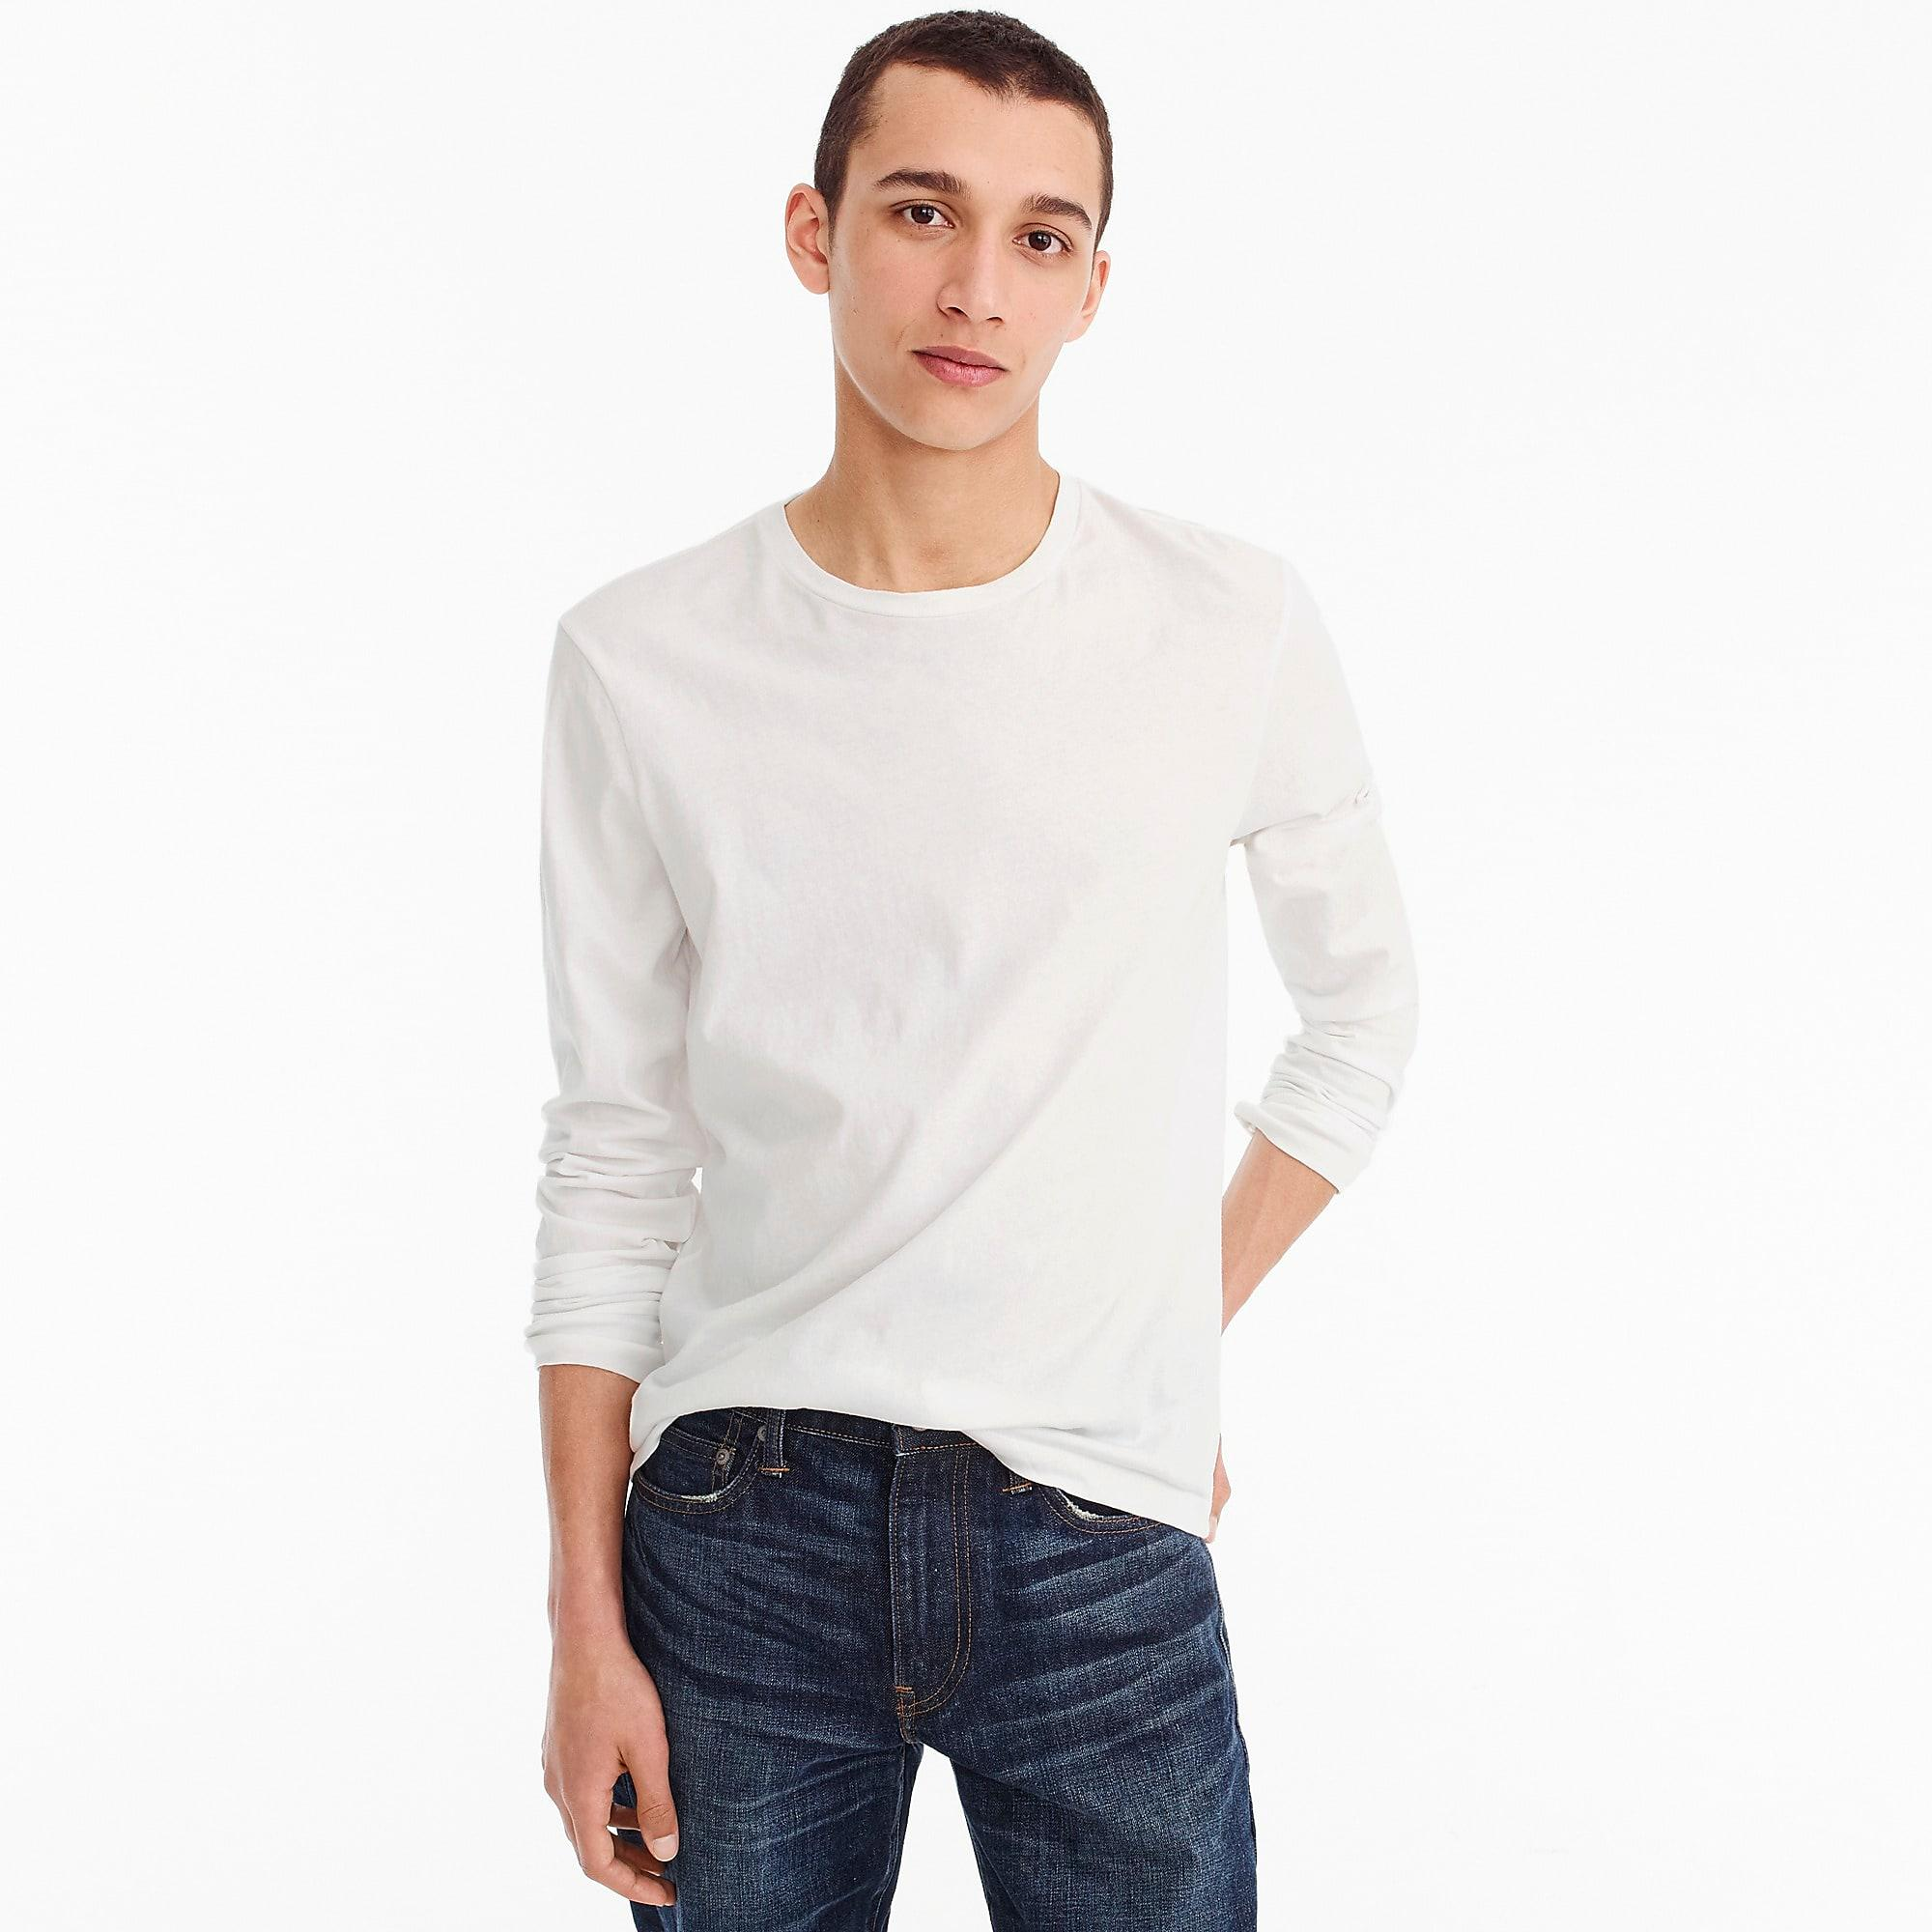 2aff4f87 J.Crew Slim Mercantile Broken-in Long-sleeve T-shirt in White for ...